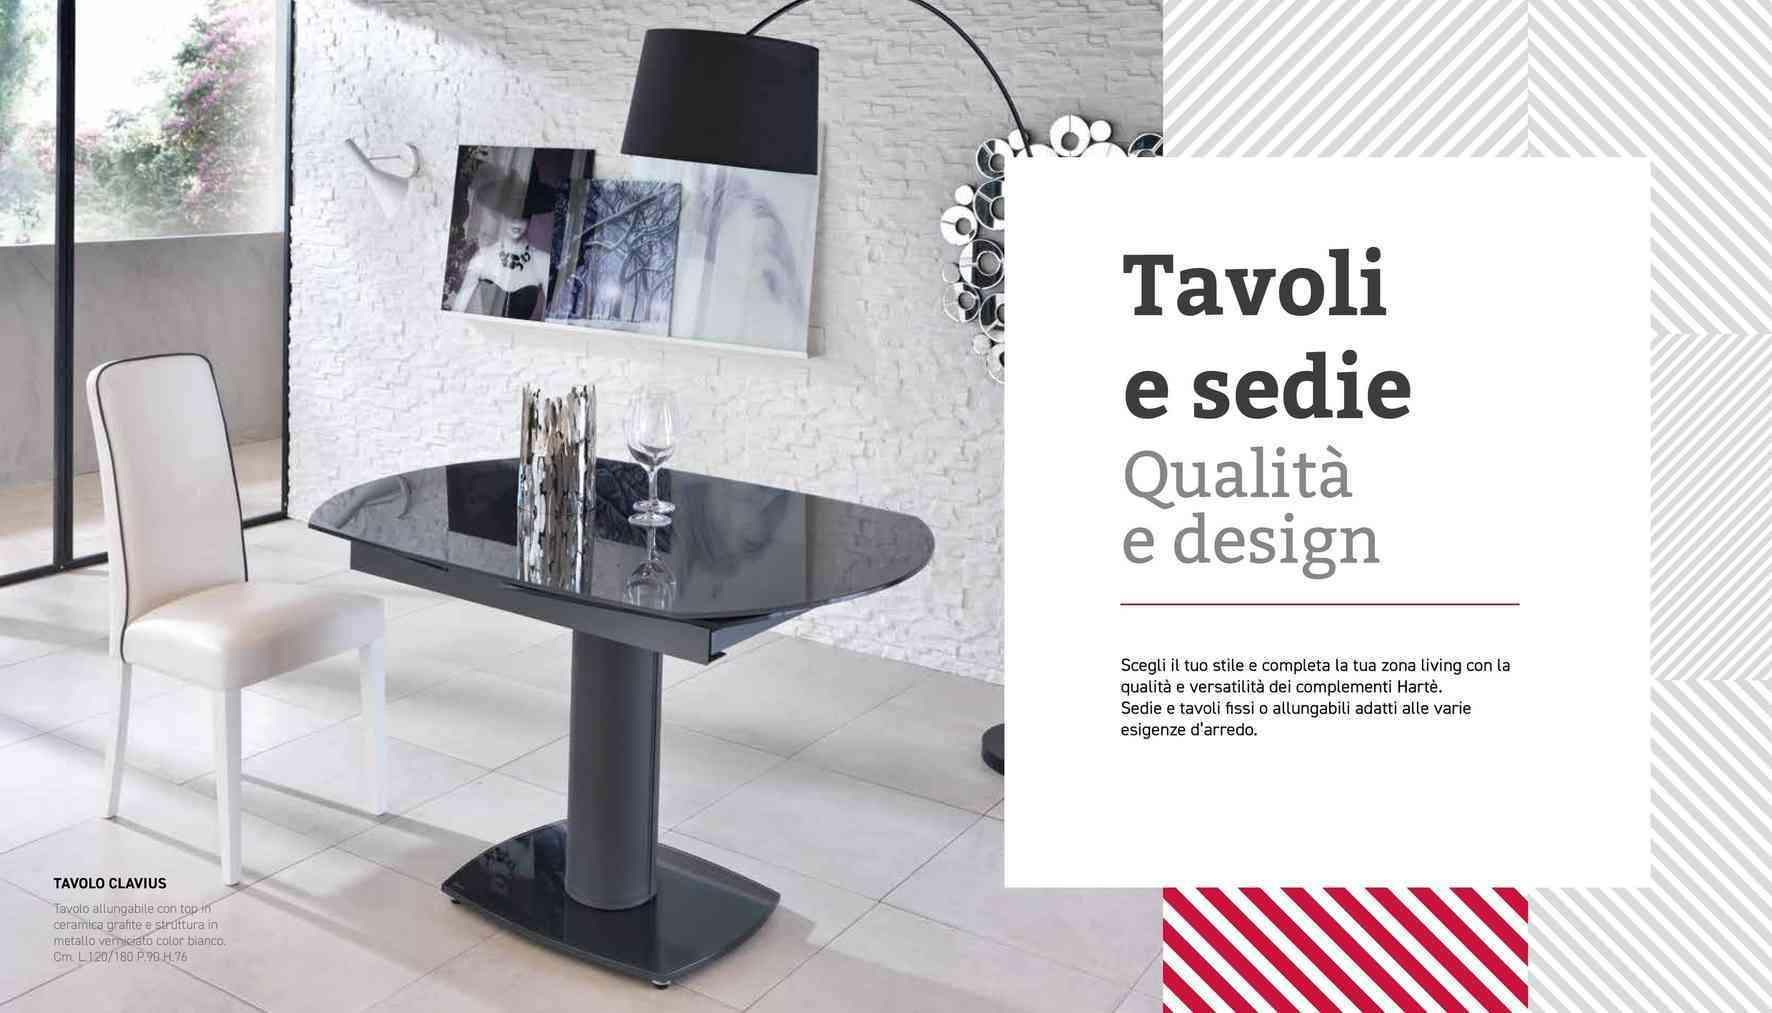 Tavolo Consolle Allungabile Mercatone Uno.Offerte Tavoli Allungabili Negozi Per Arredare Casa Promoqui